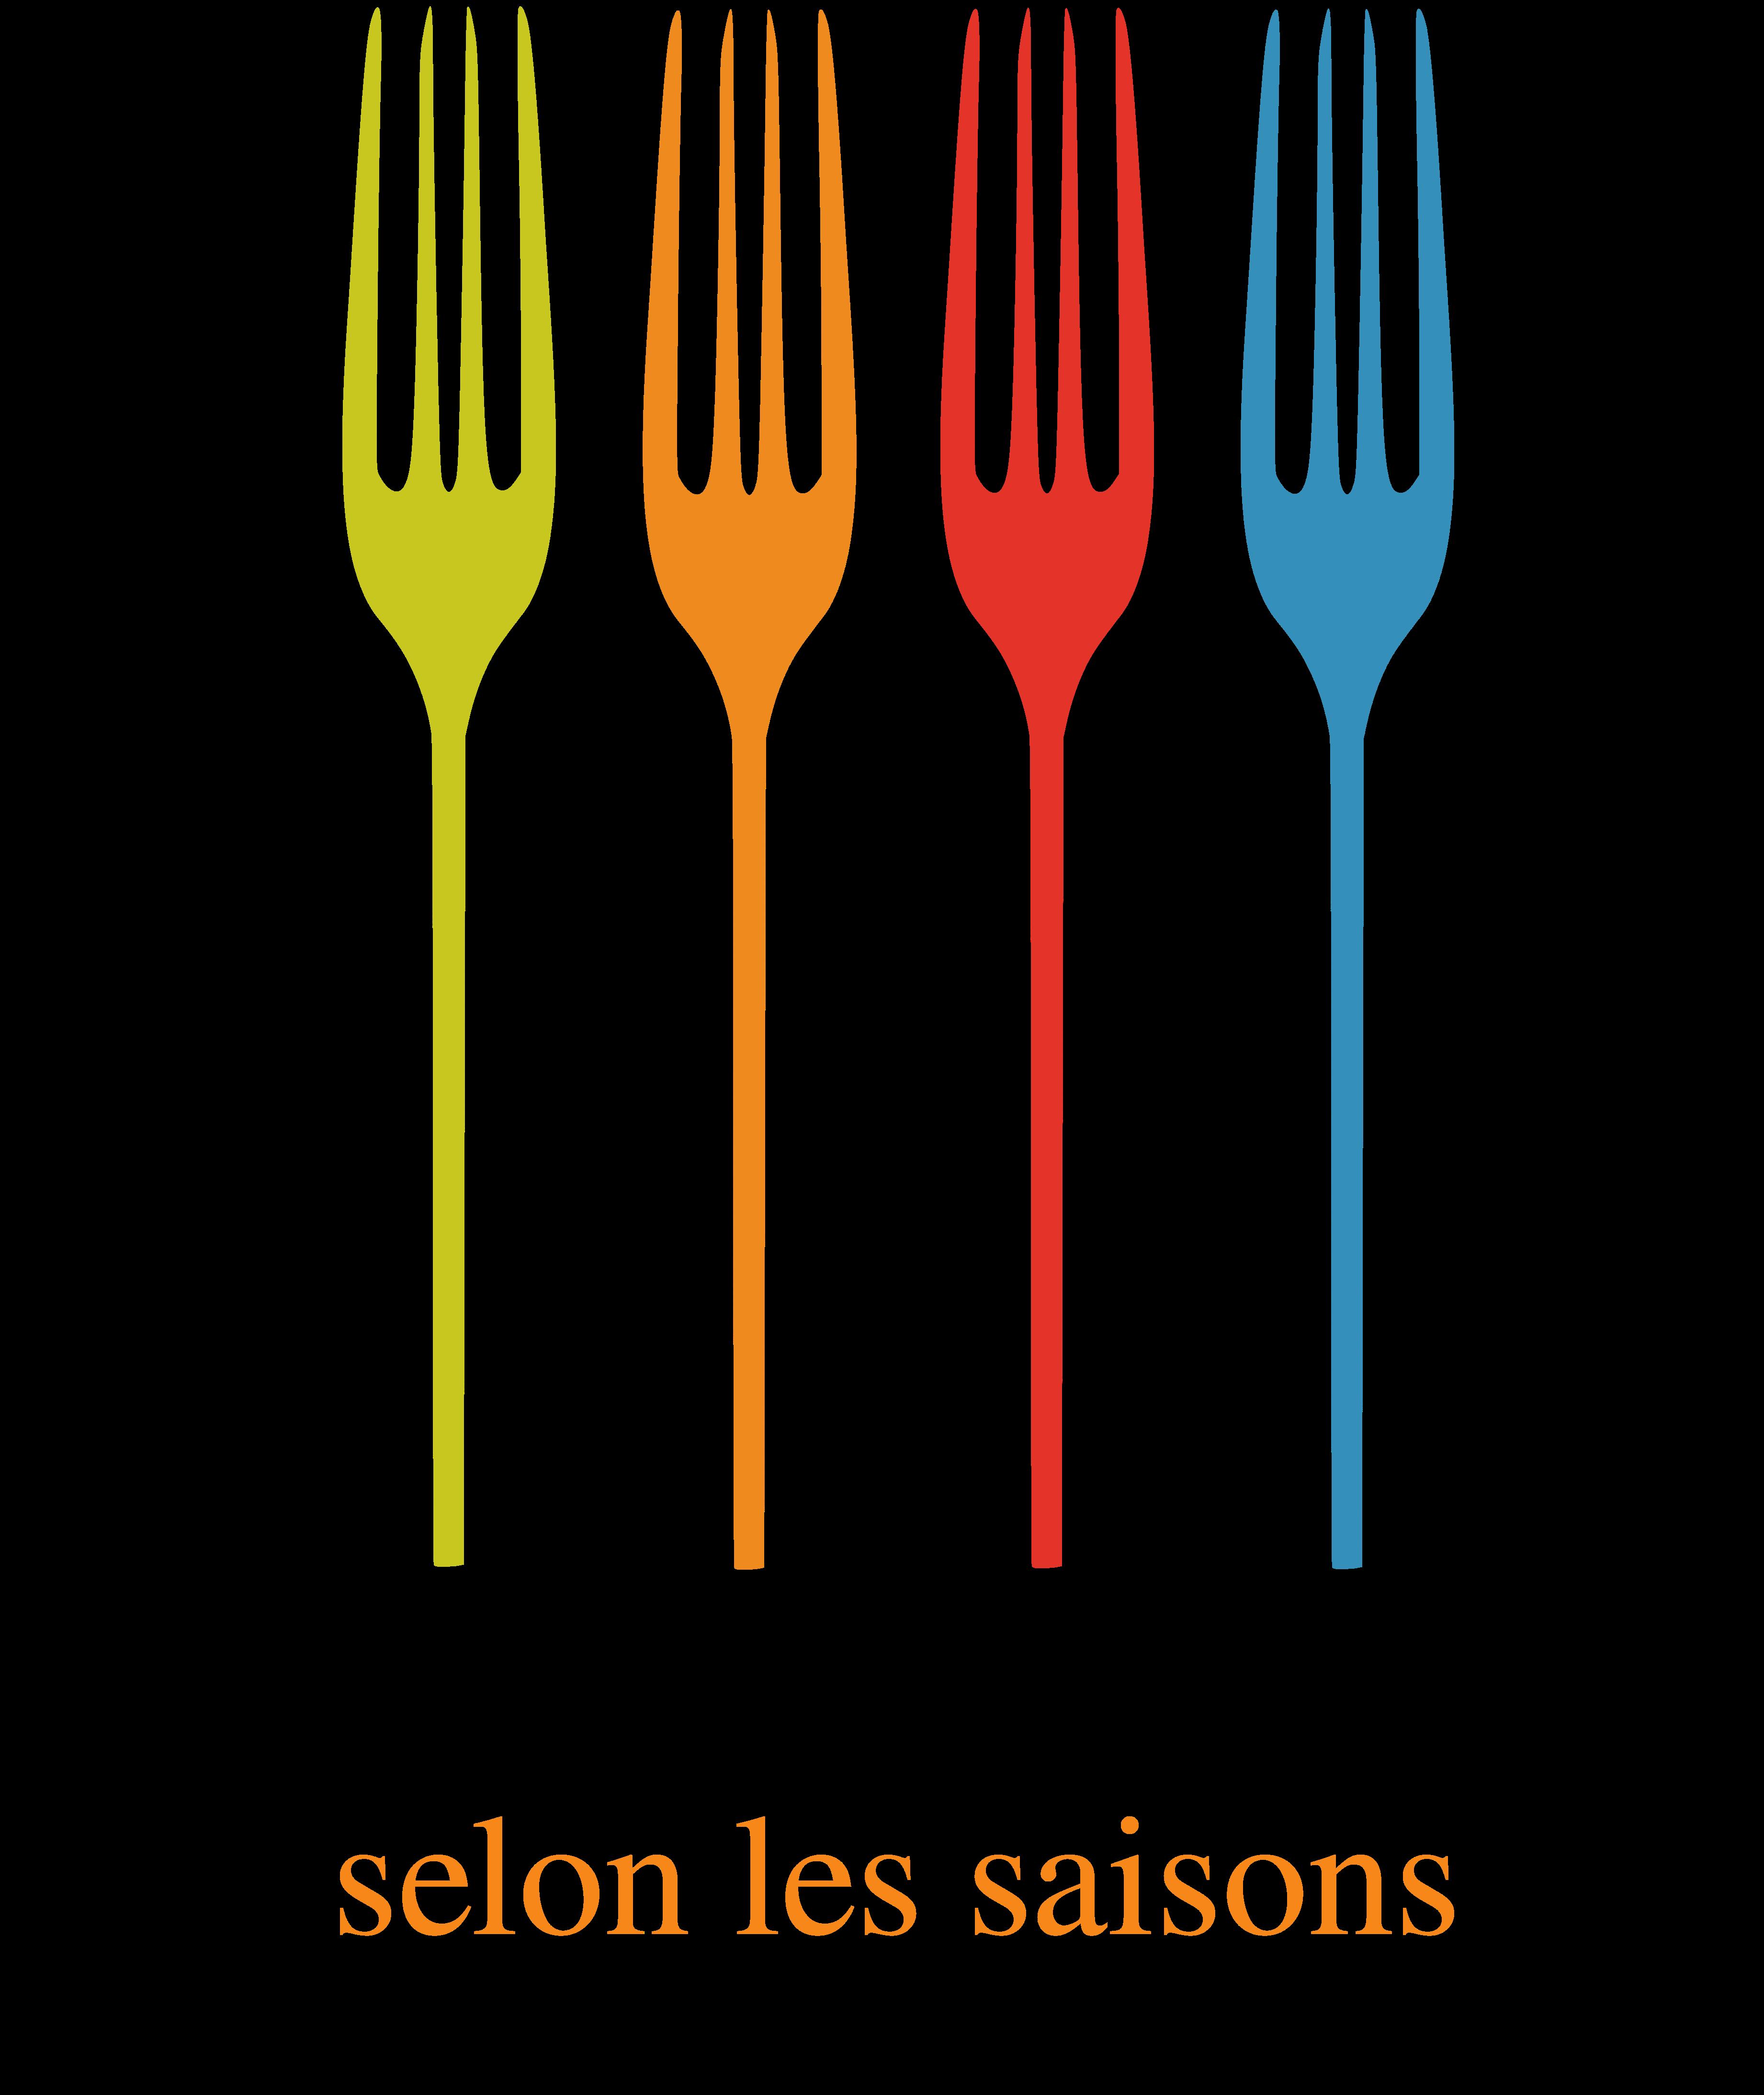 Bien manger selon les saisons Logo